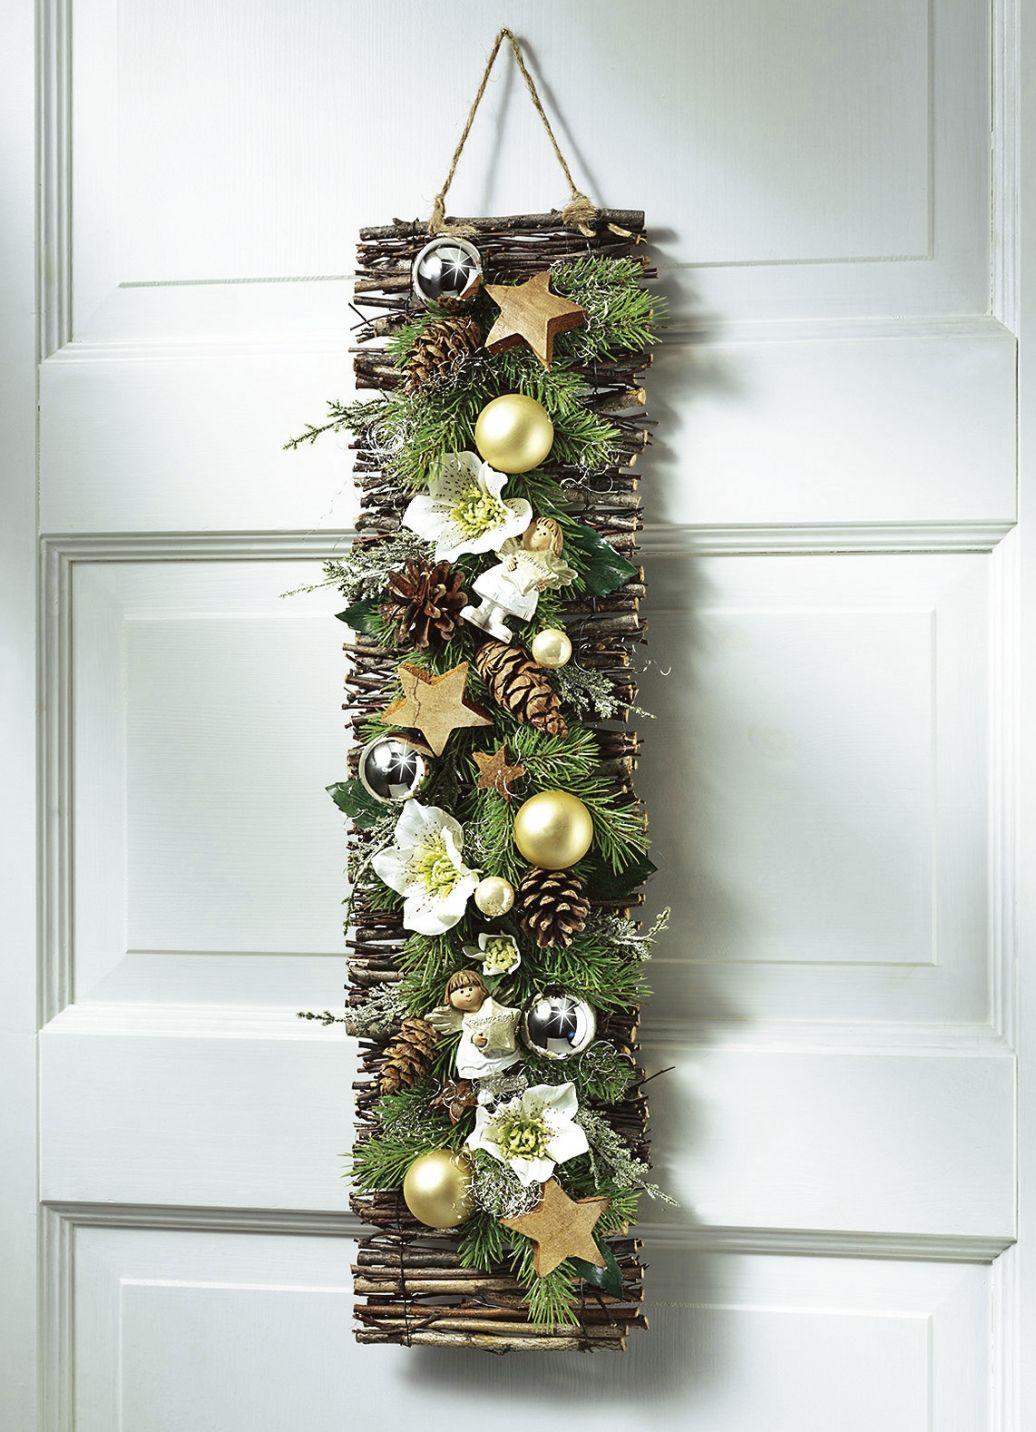 Dekoh nger weihnachtliche dekorationen weihnachten brigitte salzburg exclusiv - Weinflaschen deko ...